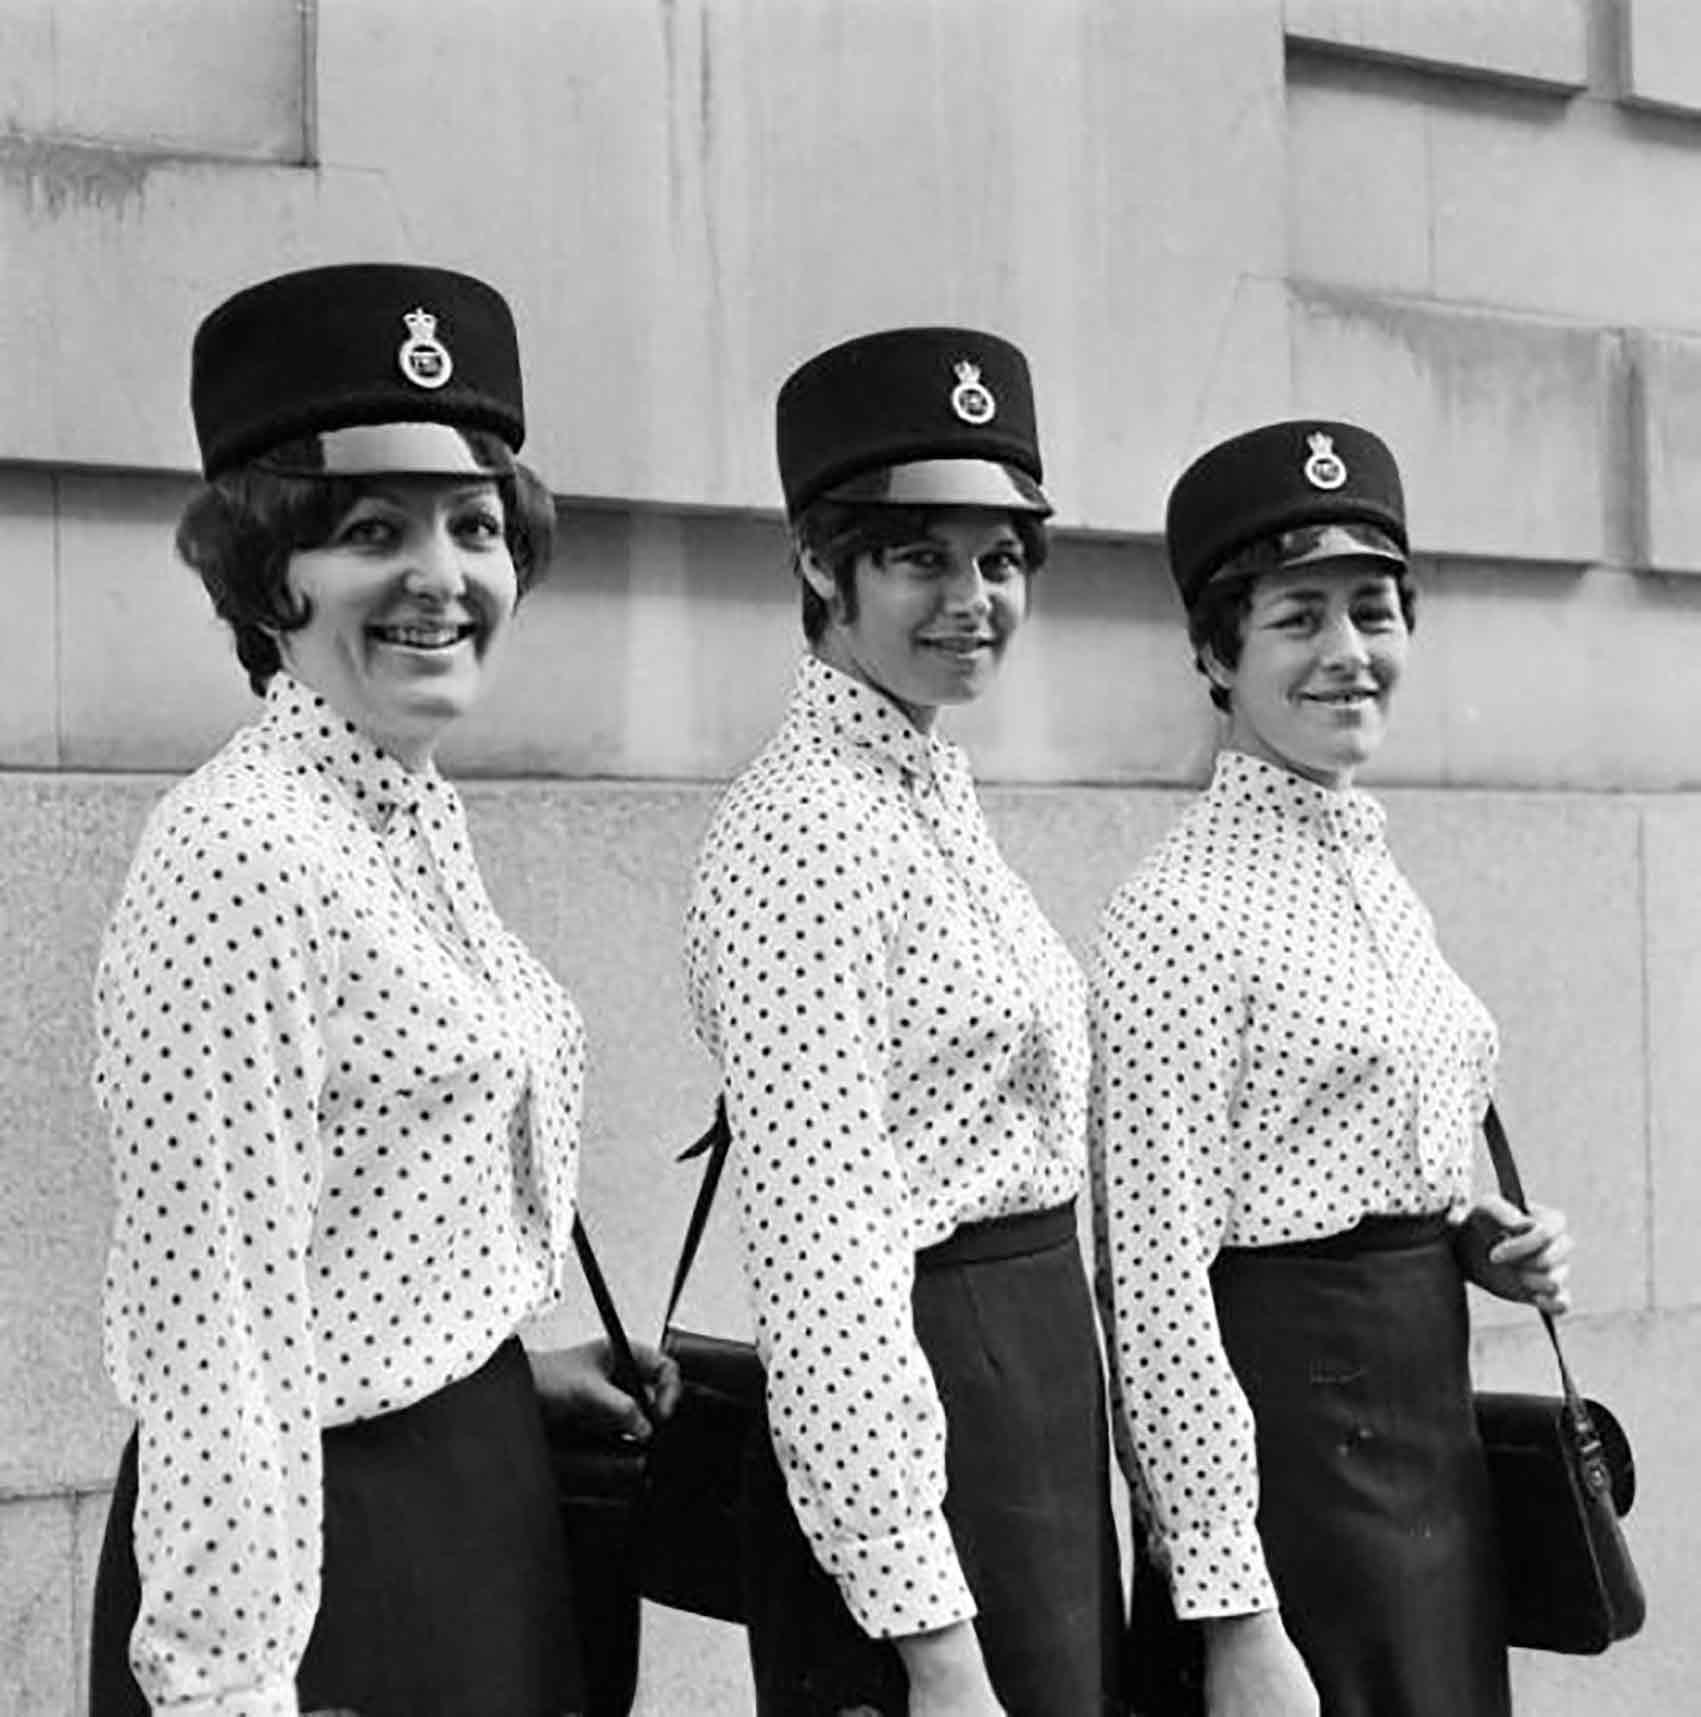 שוטרות בלונדון לובשות פולקה בשנות ה-70-אופנה